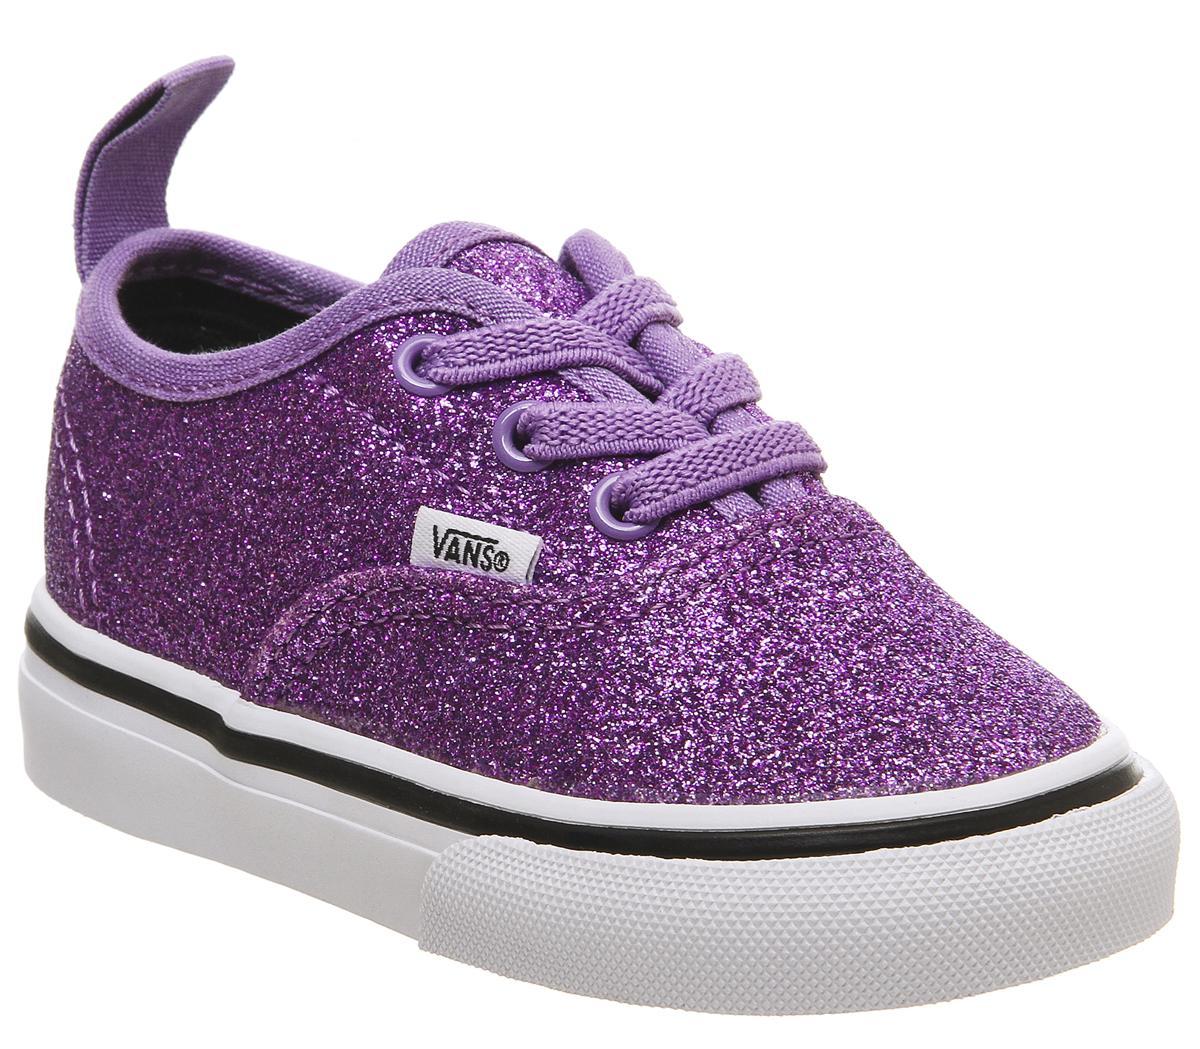 vans purple sparkle